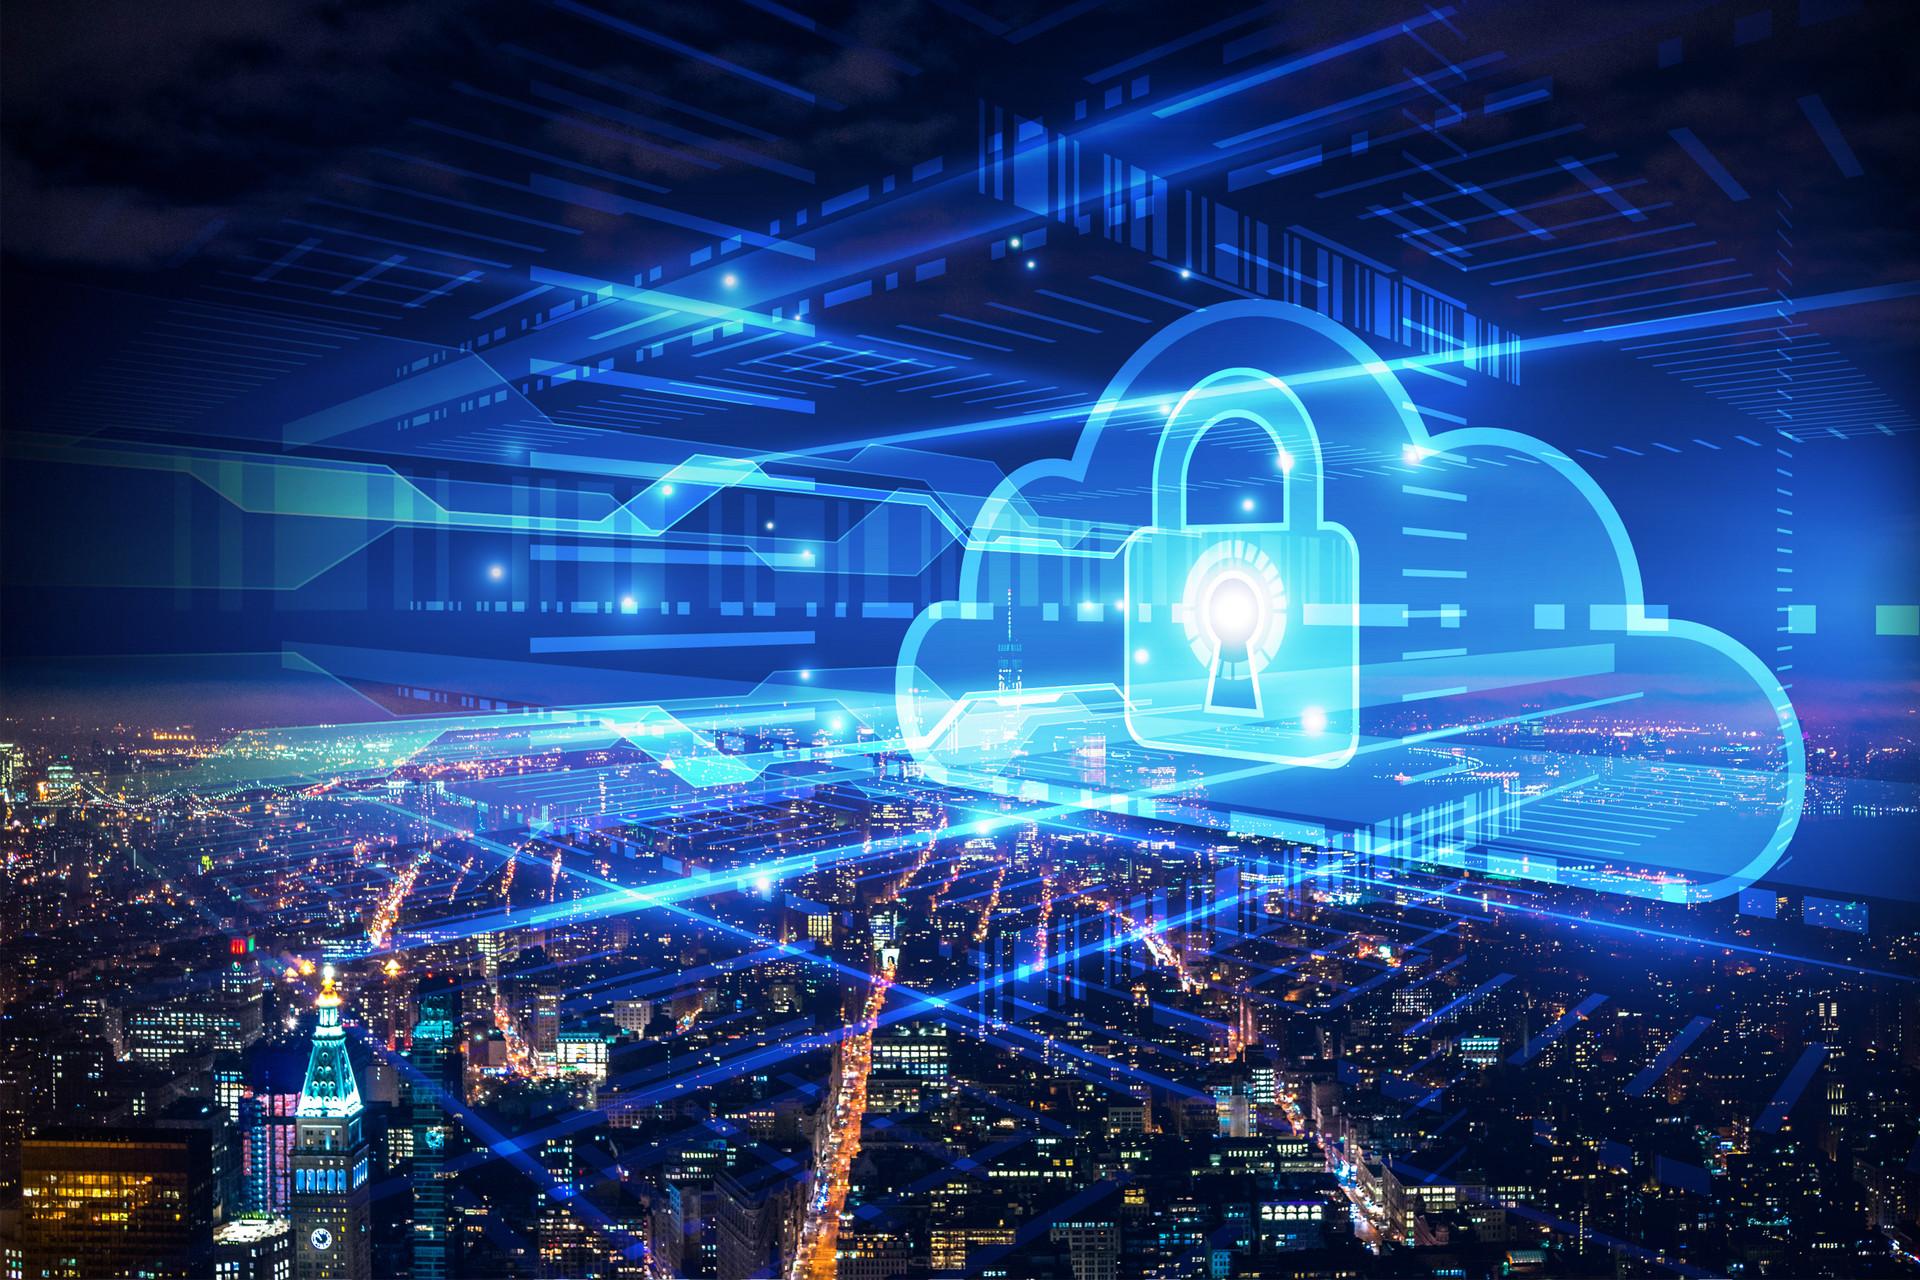 2018年国内外信息安全相关大事件